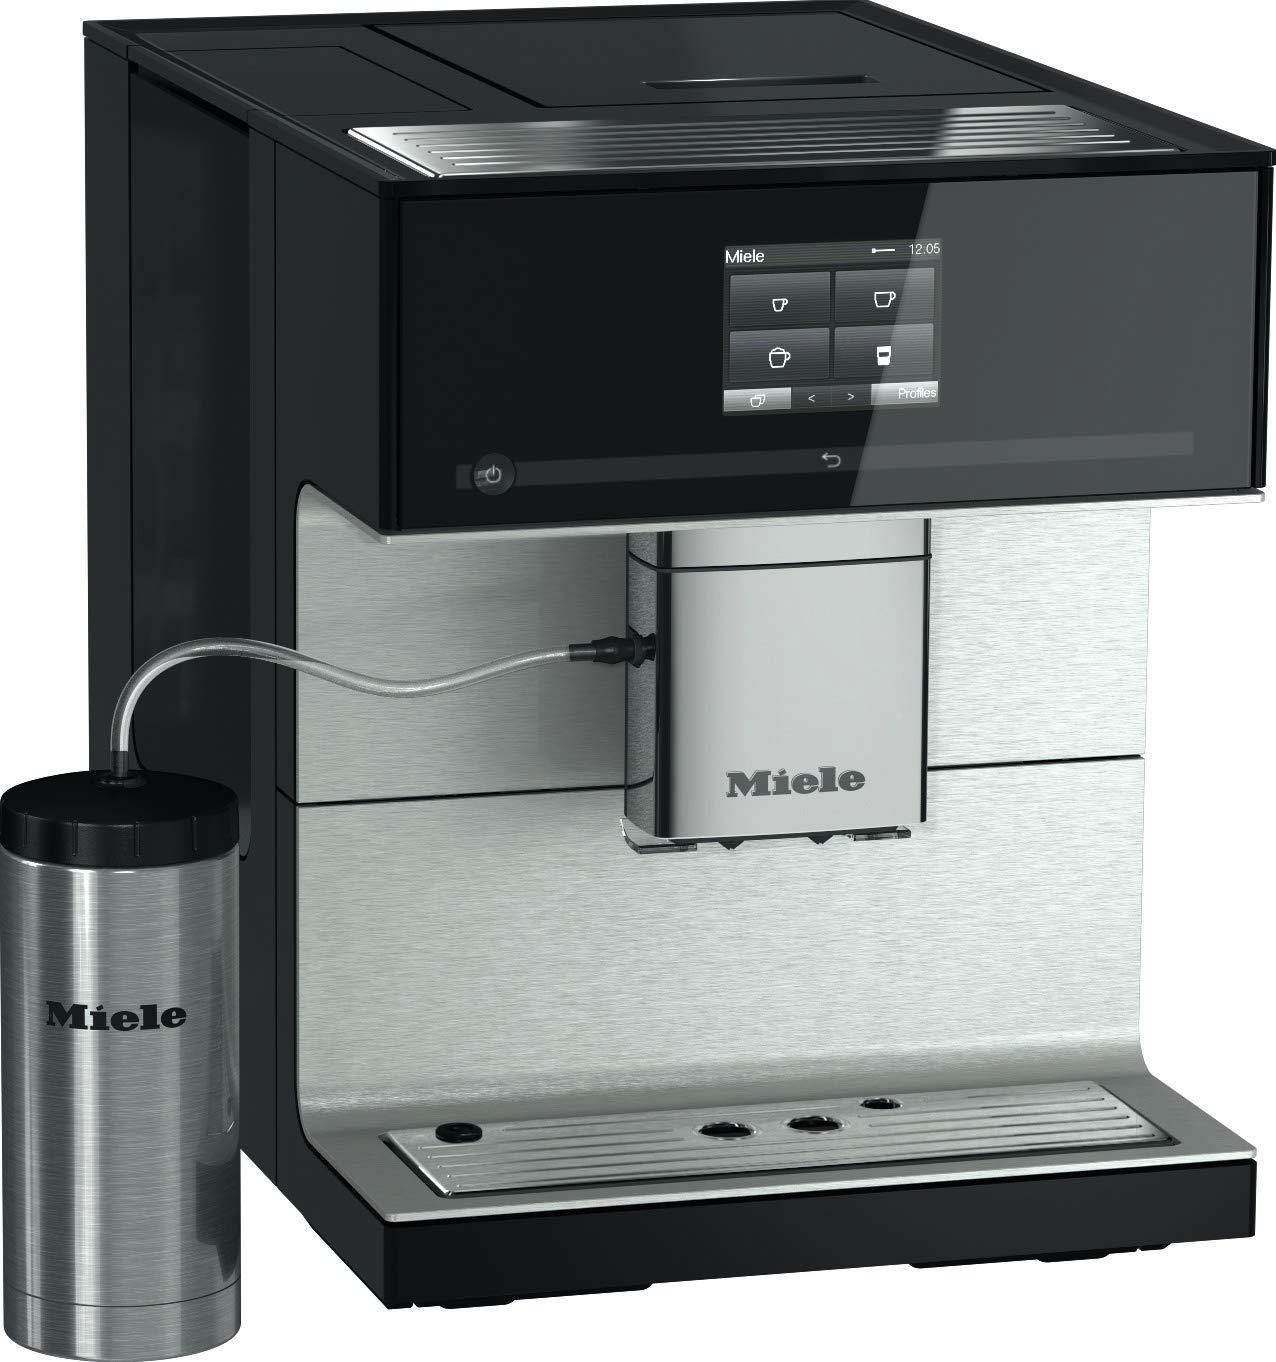 Miele CM 7350 Independiente - Cafetera (Independiente, Cafetera de filtro, 2,2 L, Molinillo integrado, 1500 W, Negro): Amazon.es: Hogar